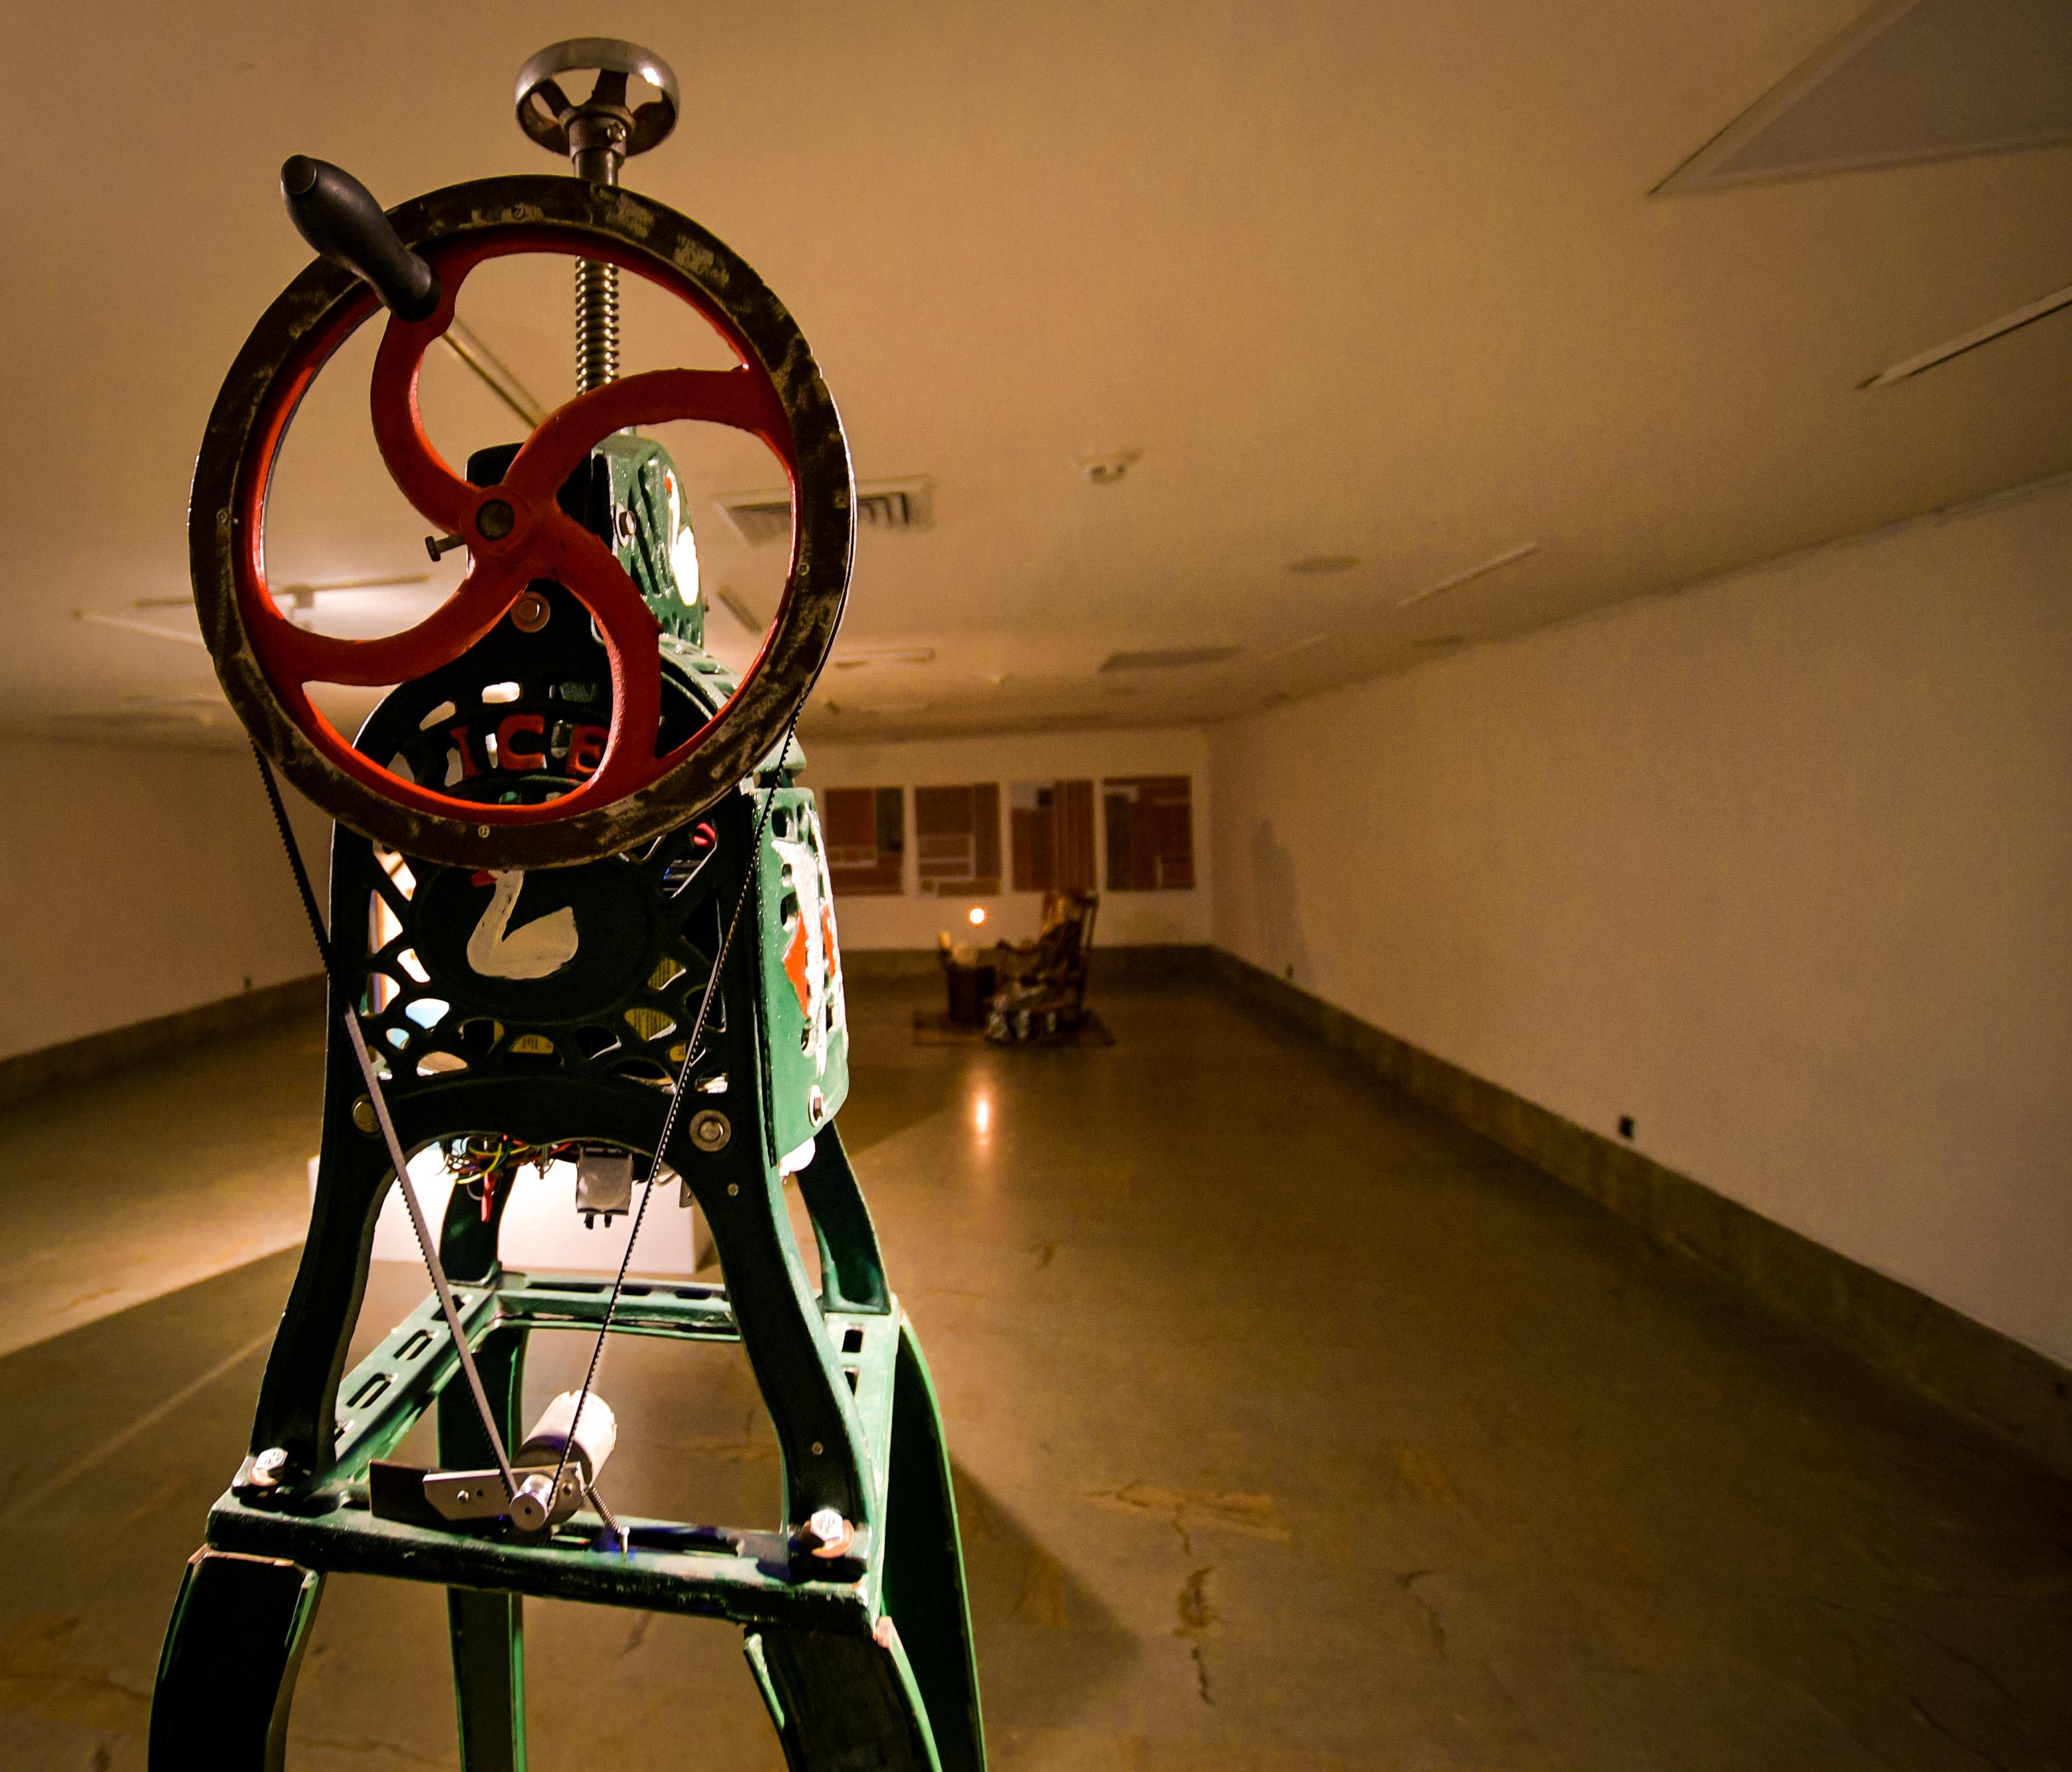 La máquina raspahielos se activa al entrar en la exposición.